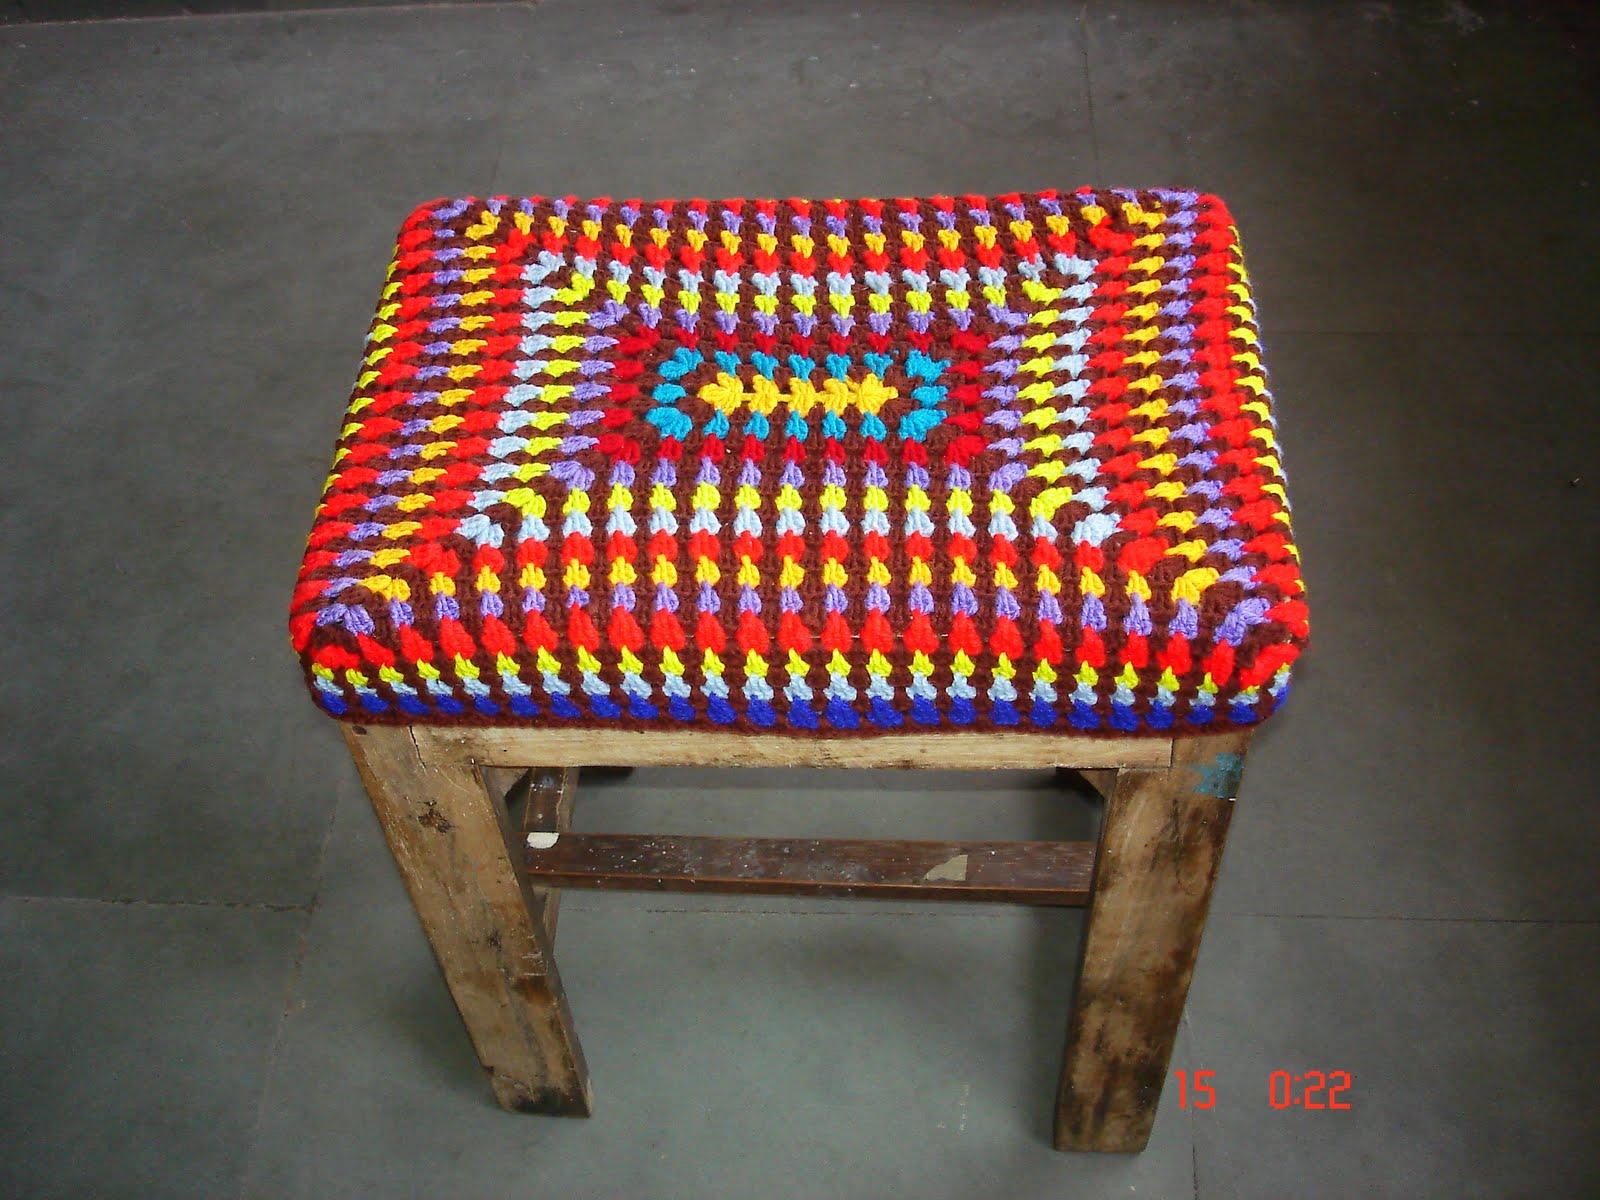 Book Cover Crochet S : The lazy hobbyhopper crocheted stool cover